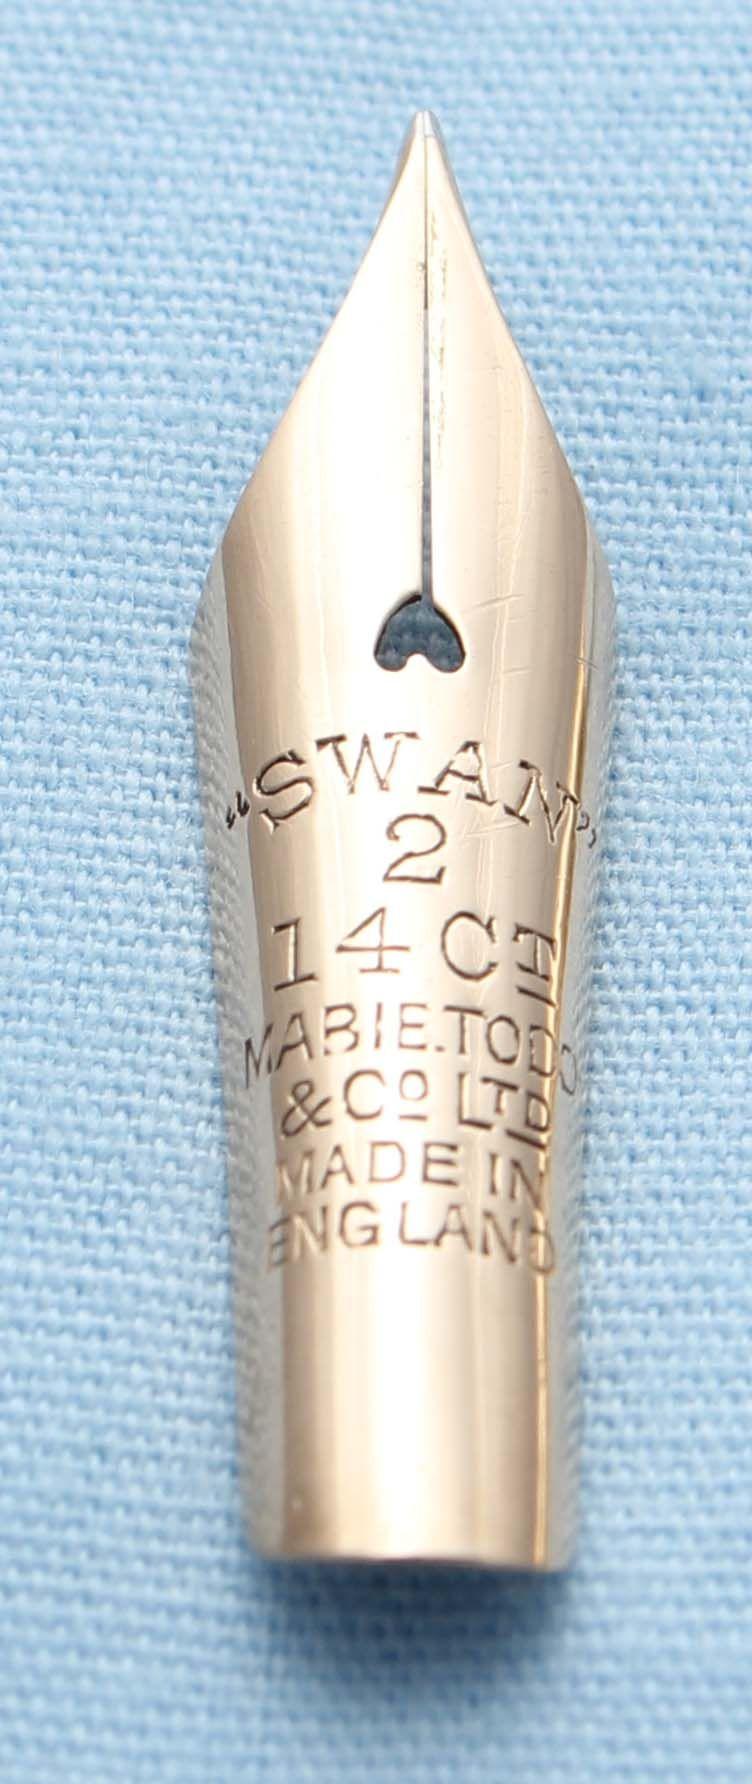 N510  - Swan #2  Fine Nib